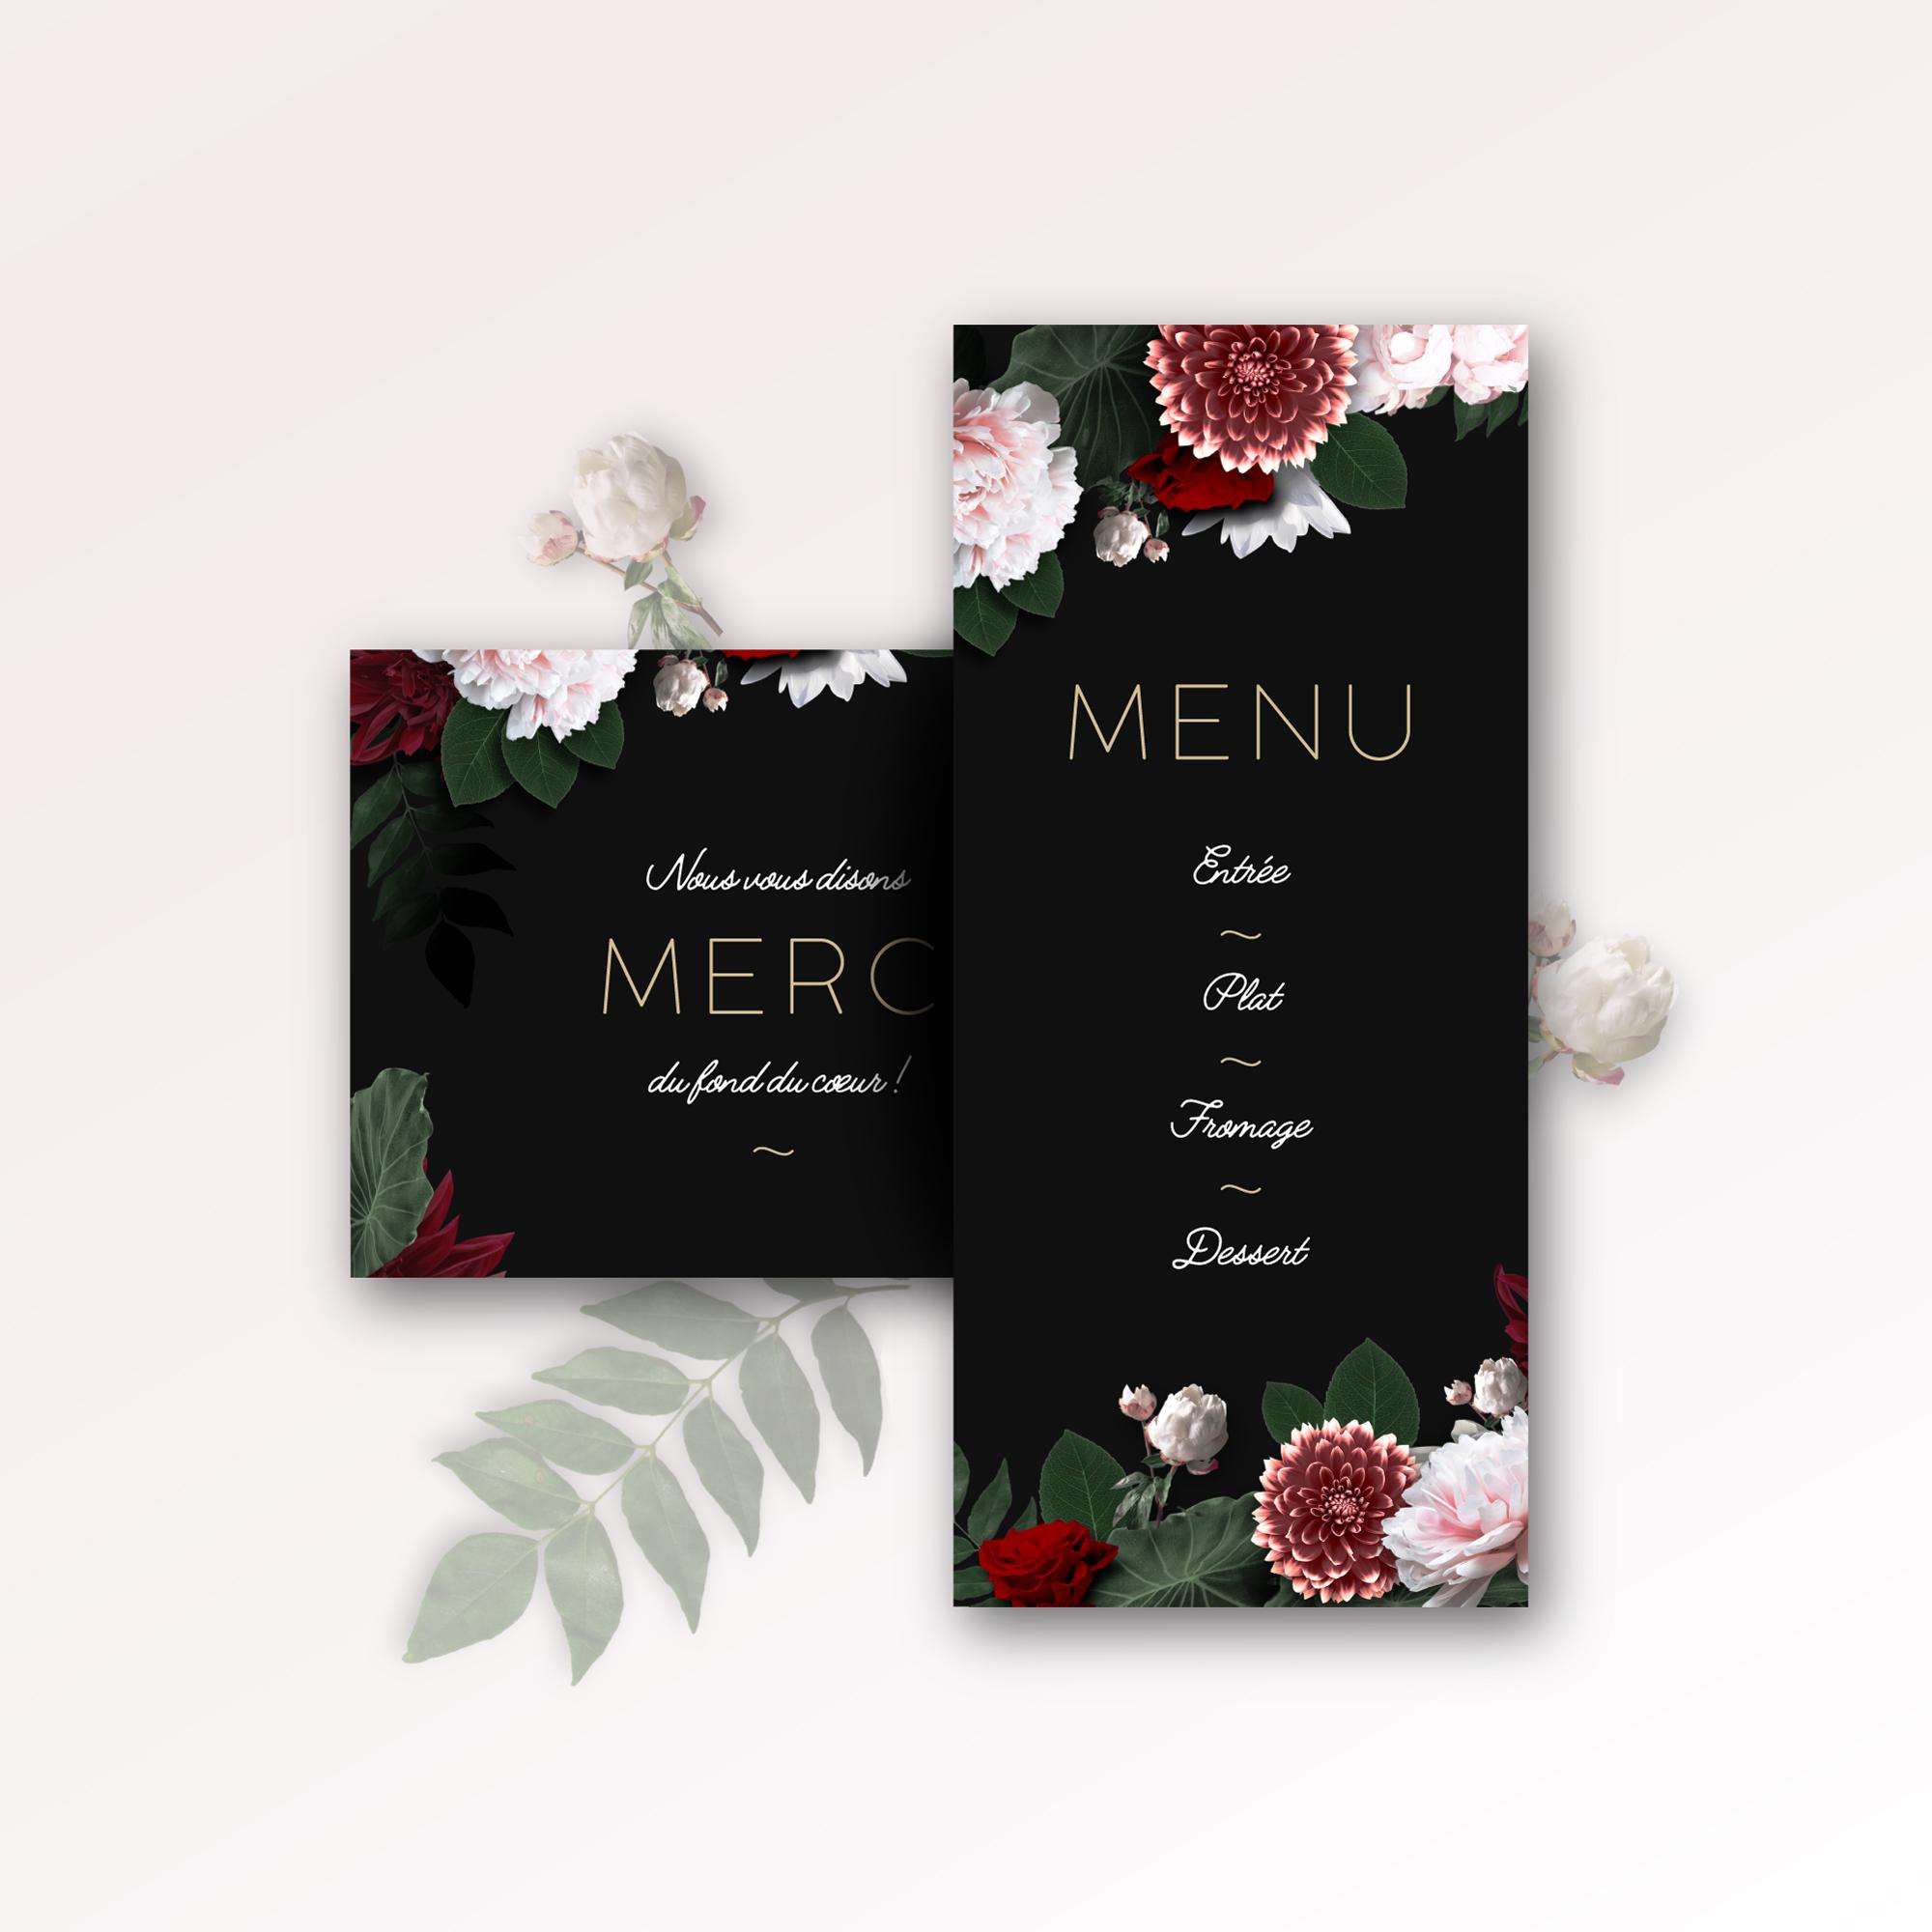 menu-mariage-bordeaux-burgundy